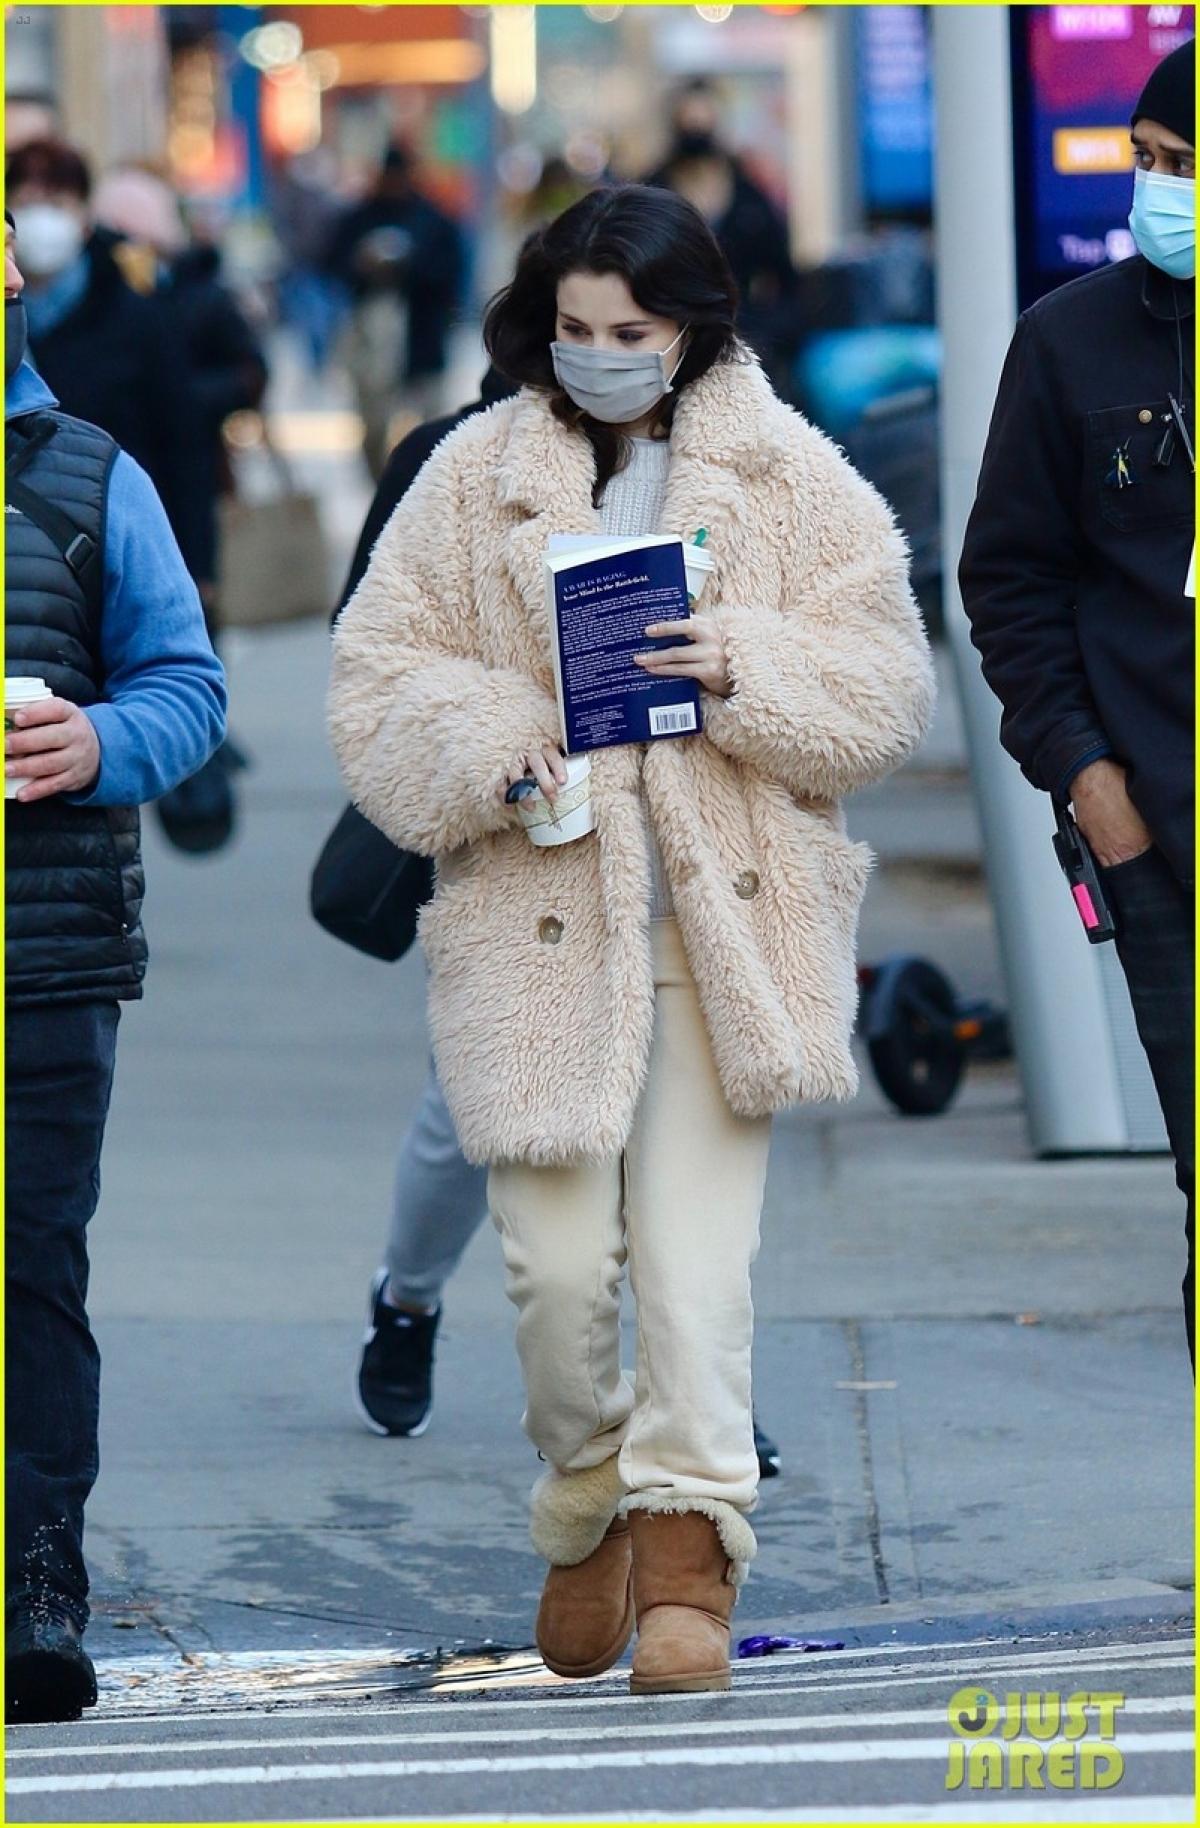 Nữ ca sĩ diện trang phục kín đáo, ấm áp và cầm theo cuốn sách sải bước trên phố.